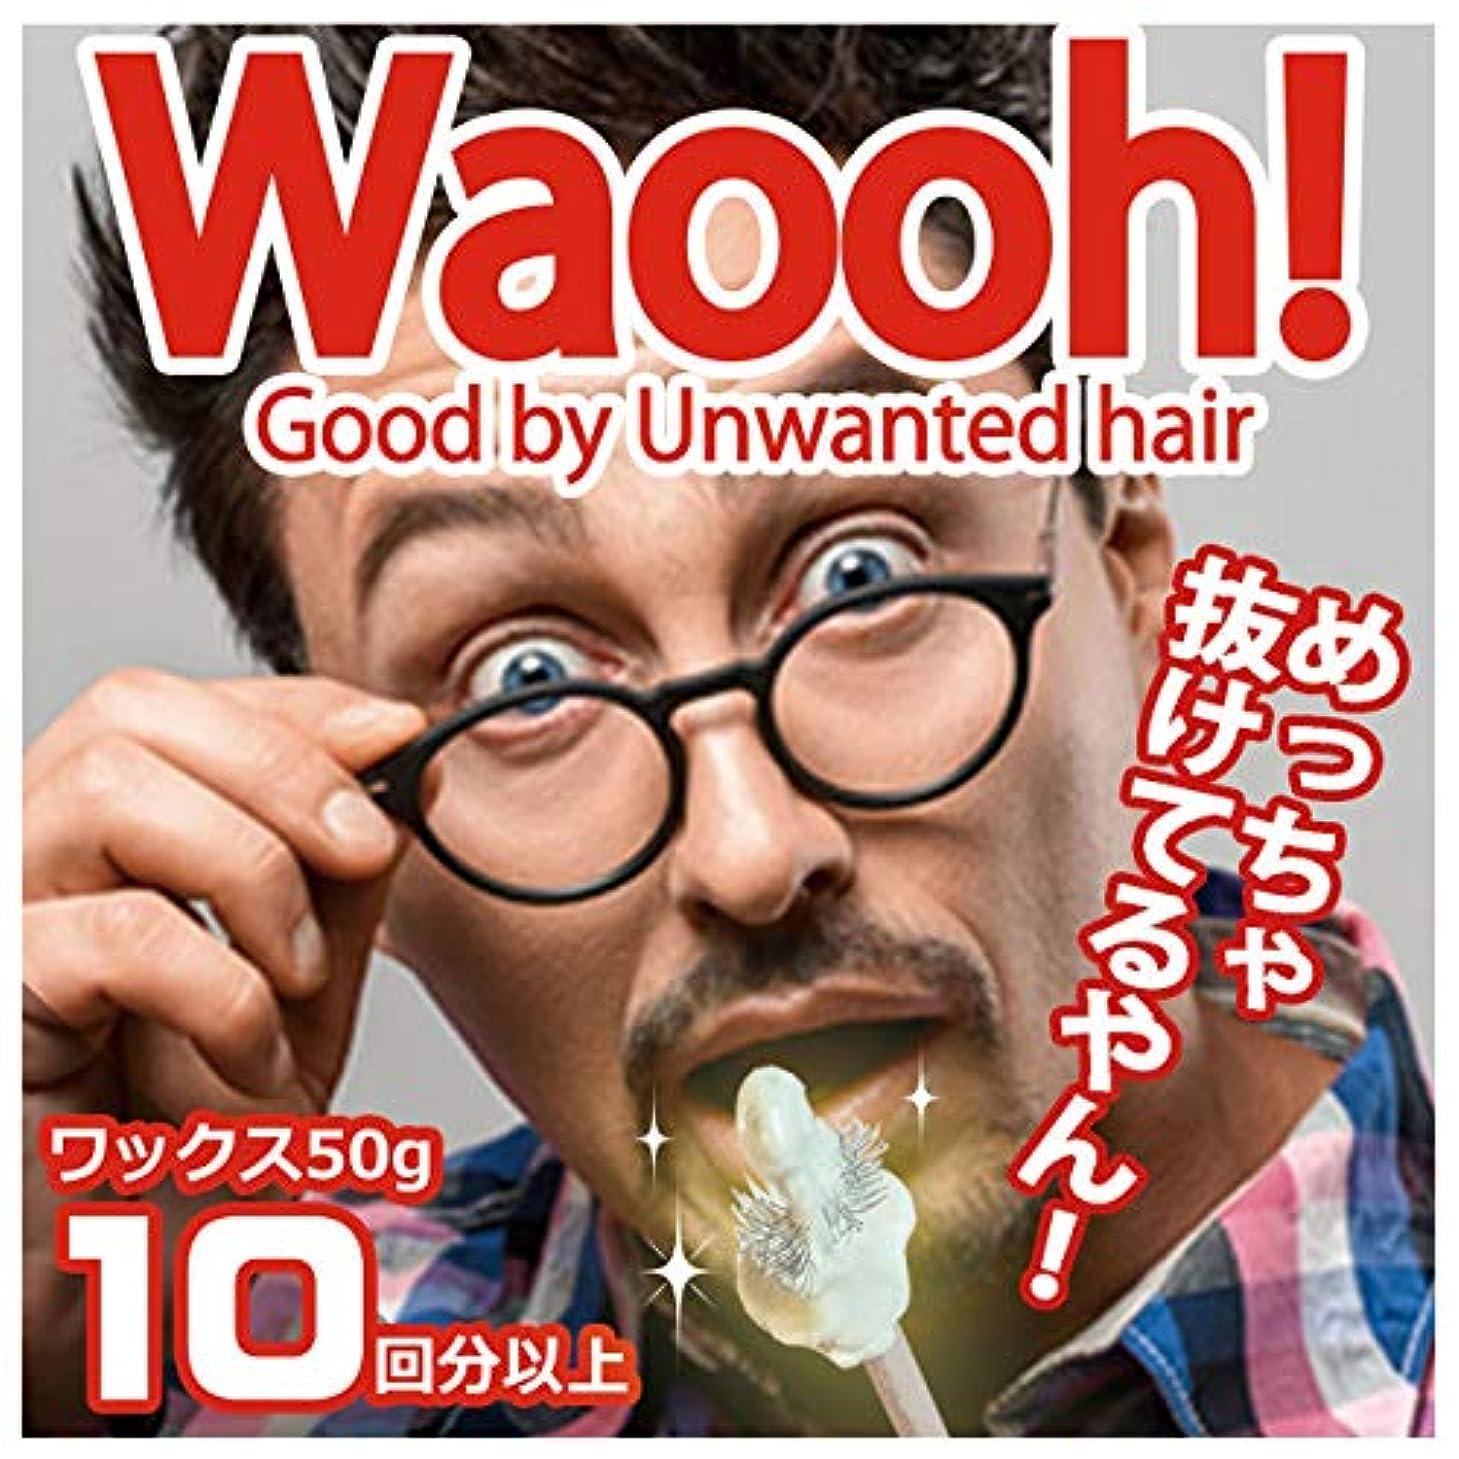 ラショナルレイアウト配る[Waooh]鼻毛 脱毛 ノーズワックス 鼻 ブラジリアン ワックス キット 男女兼用 (50g 10回分)